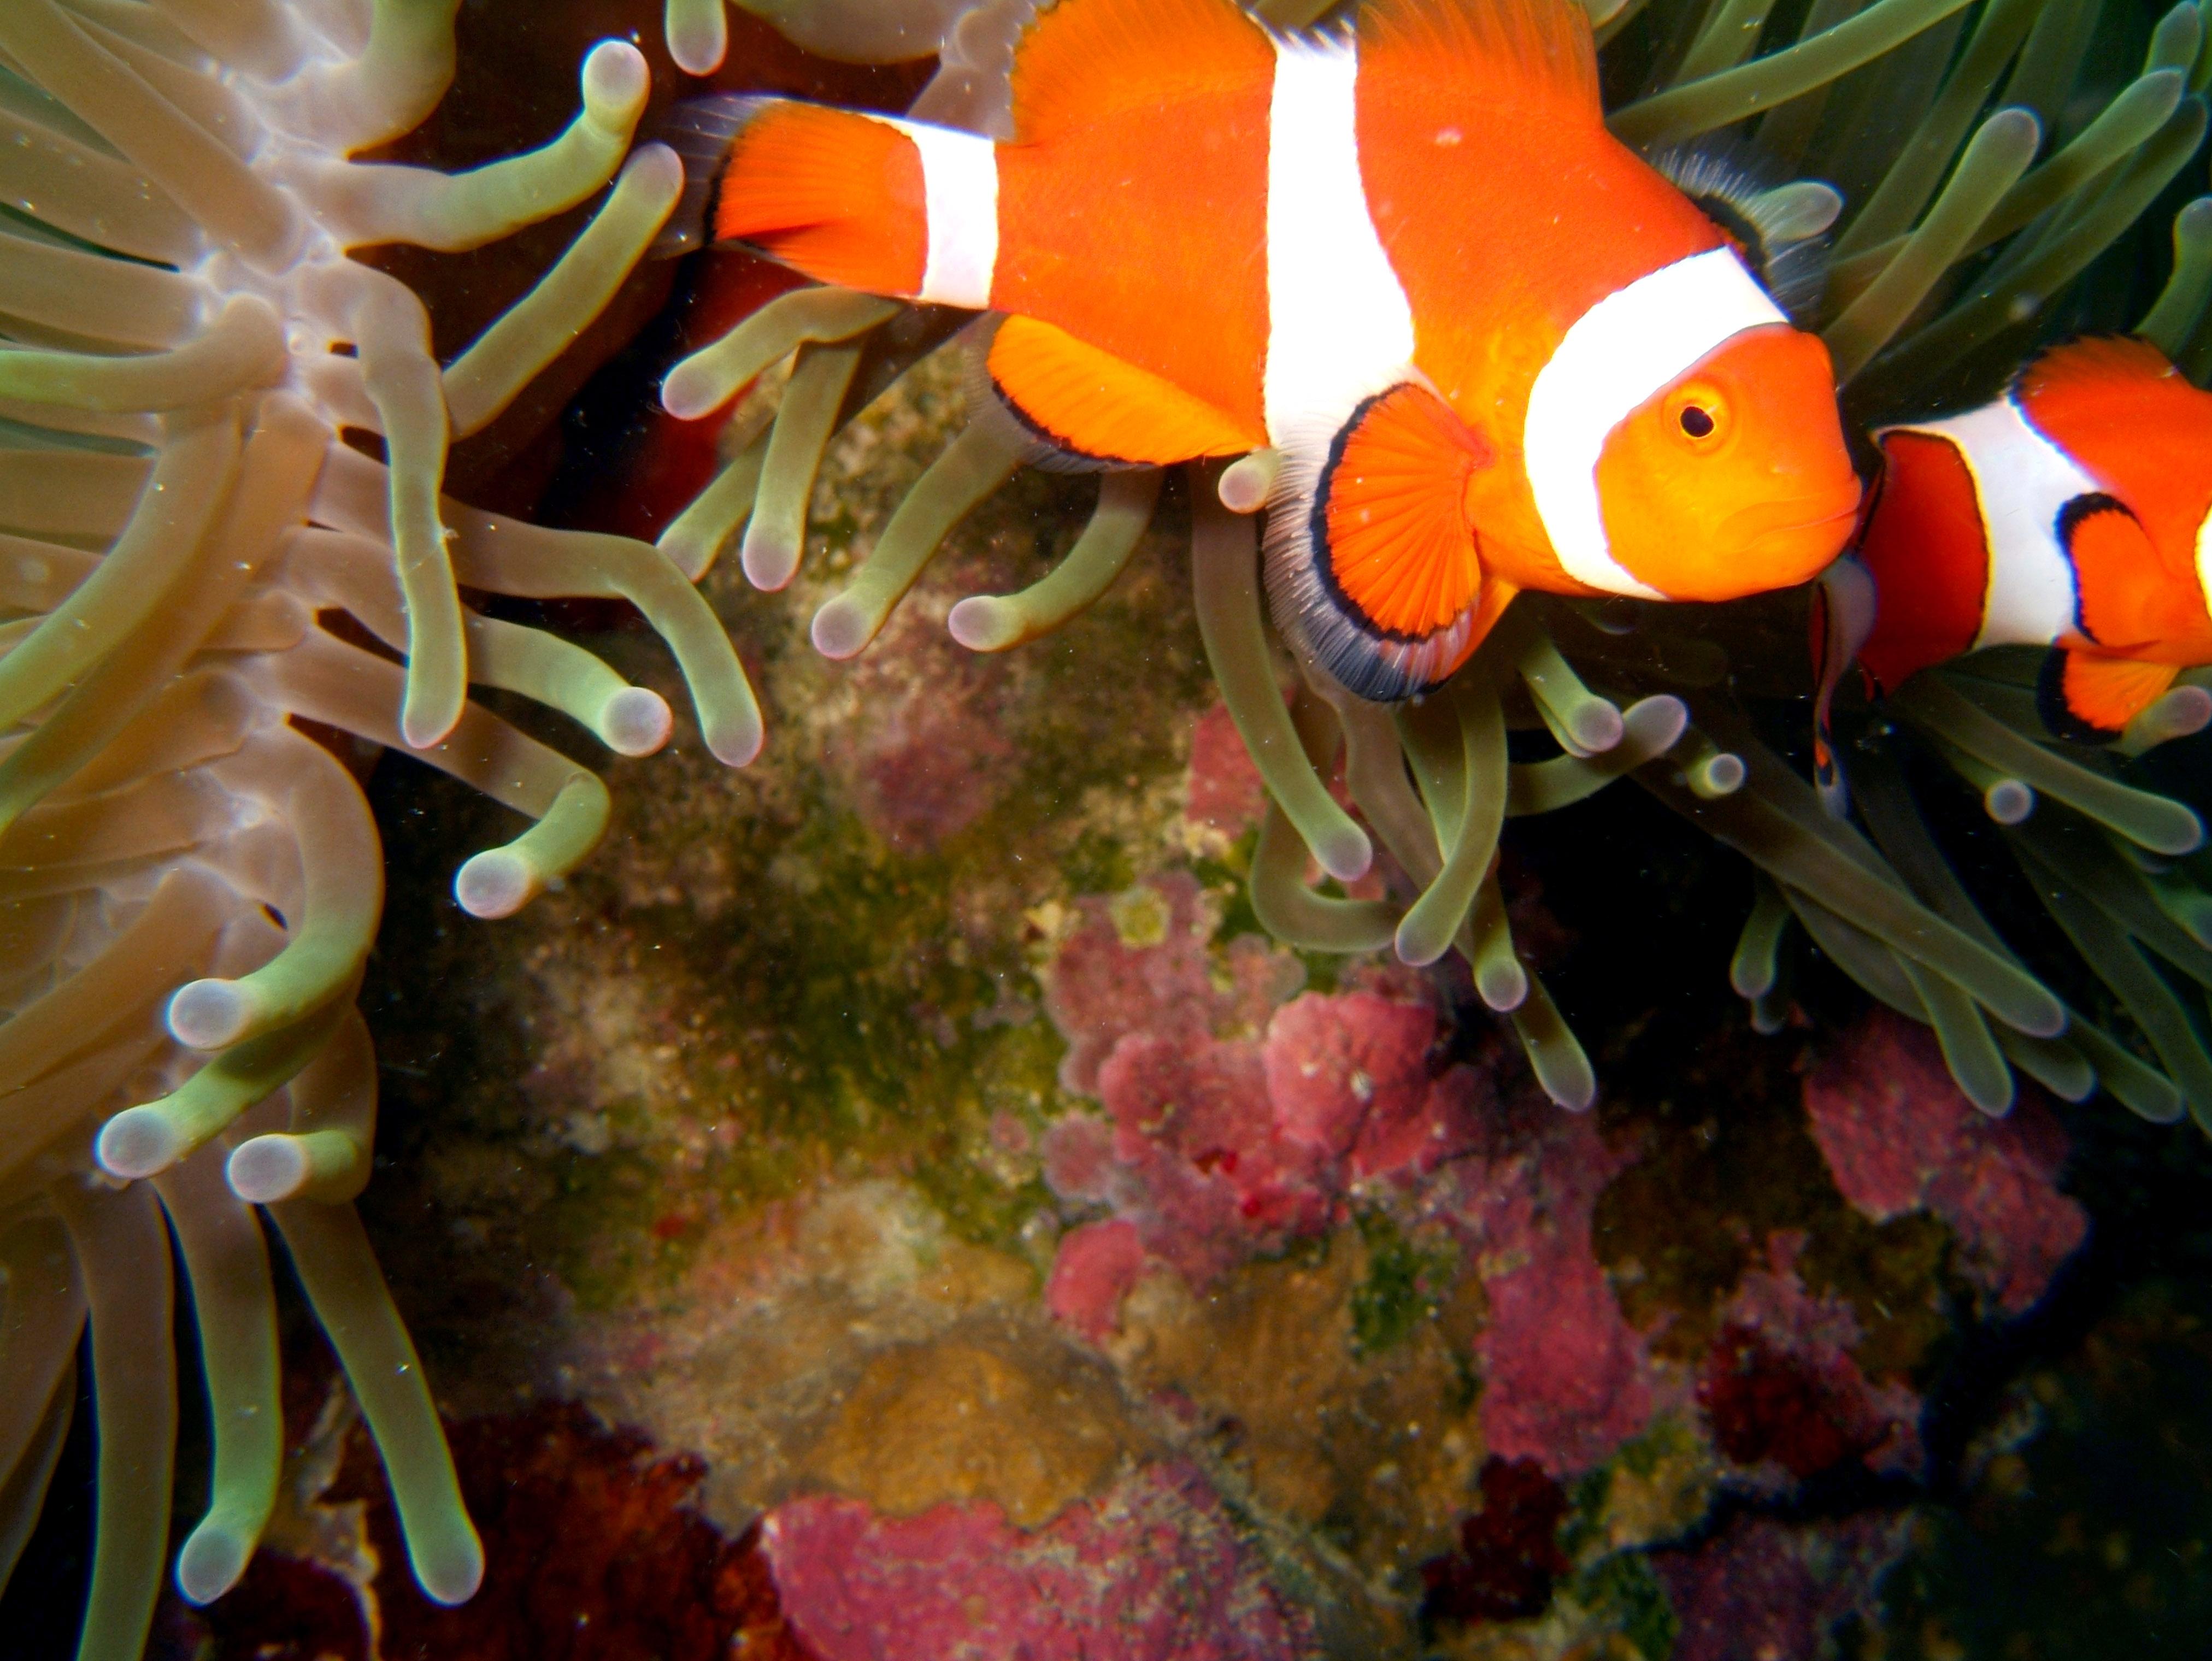 Philippines Cebu Bohol Balicasag Island Rudys rock dive Dec 2005 34